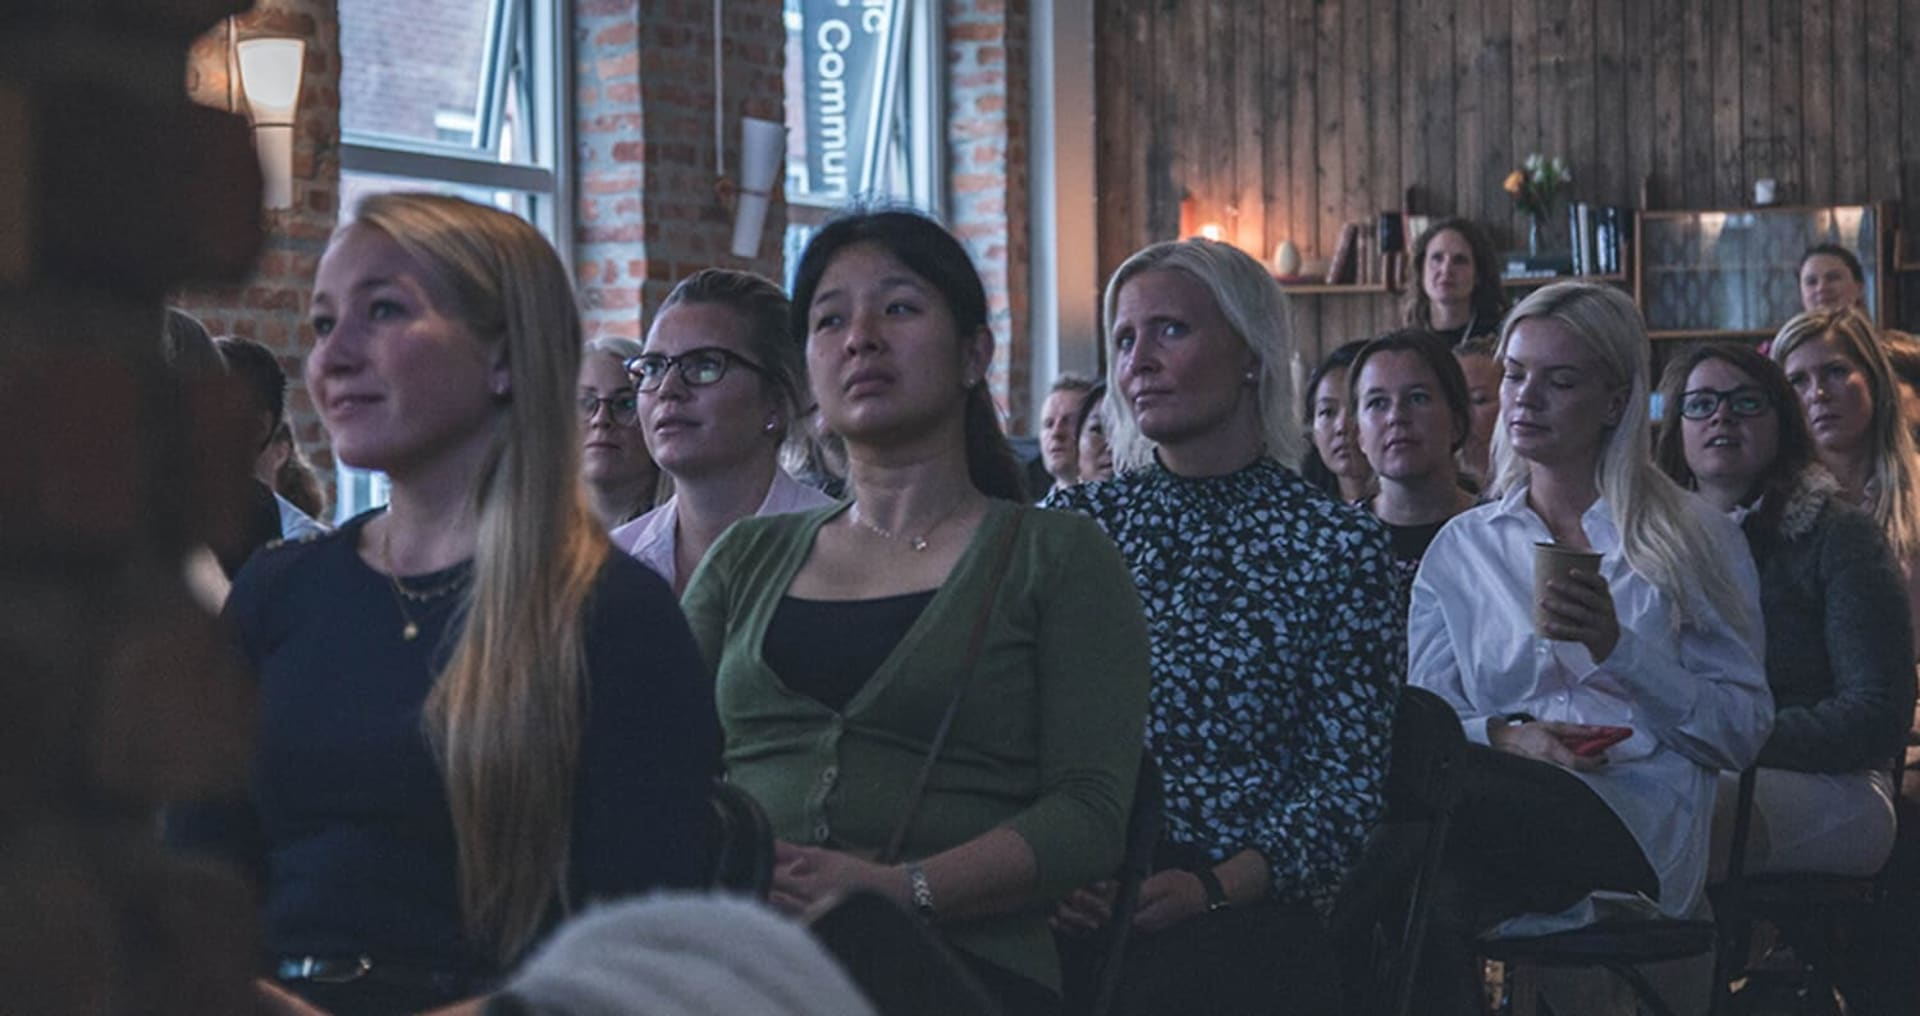 GODT OPPMØTE: Det var fullt på Mesh da DNB arrangerte frokostmøte om kvinner og investering. Rommet var, ikke overraskende, i hovedsak fylt opp med kvinner.